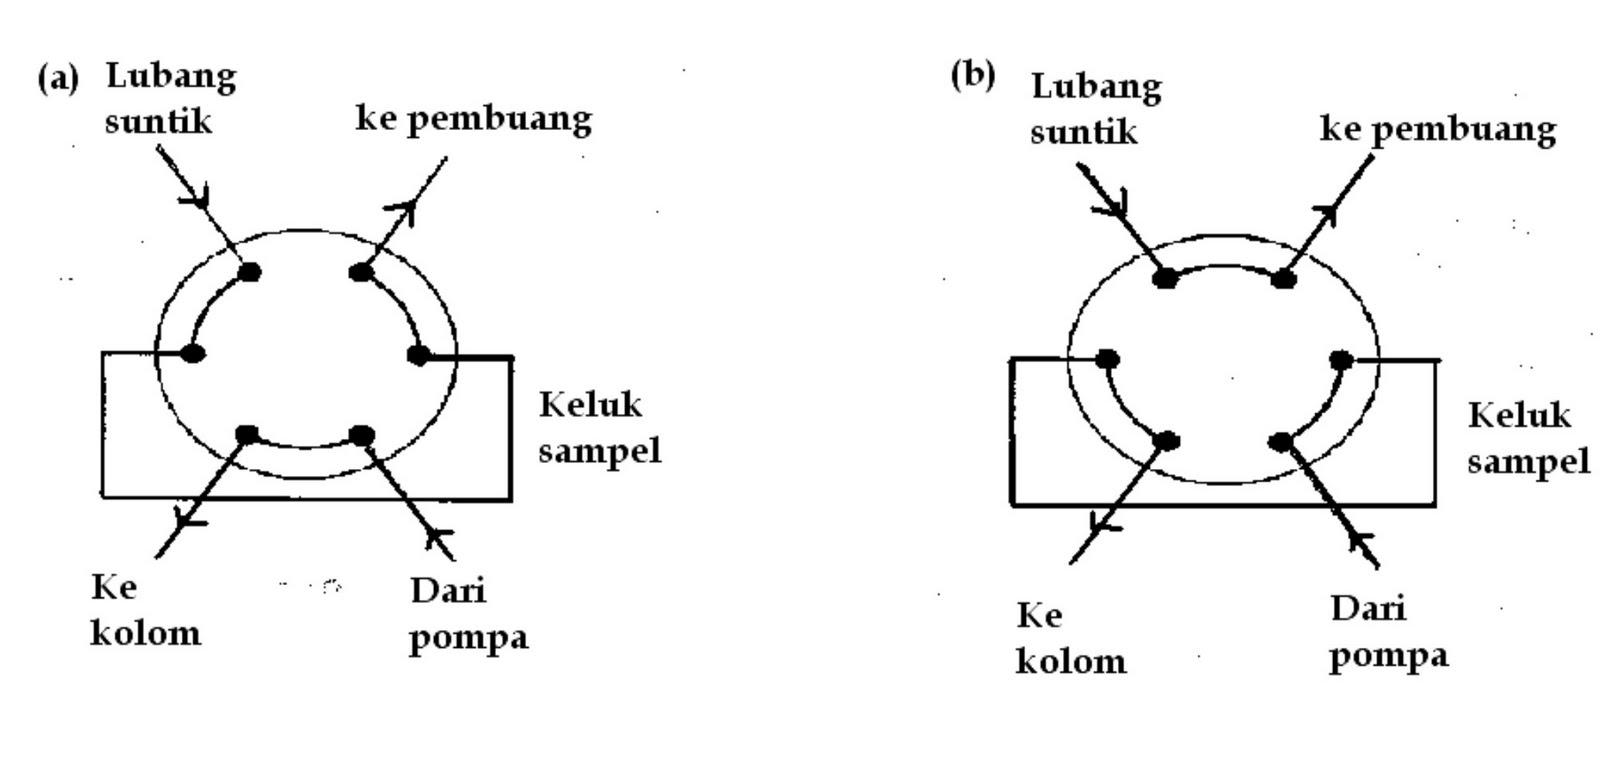 Hplc high performance liquid chromatography lansida posisi pada saat memuat sampel posisi pada saat menyuntik sampel ccuart Images